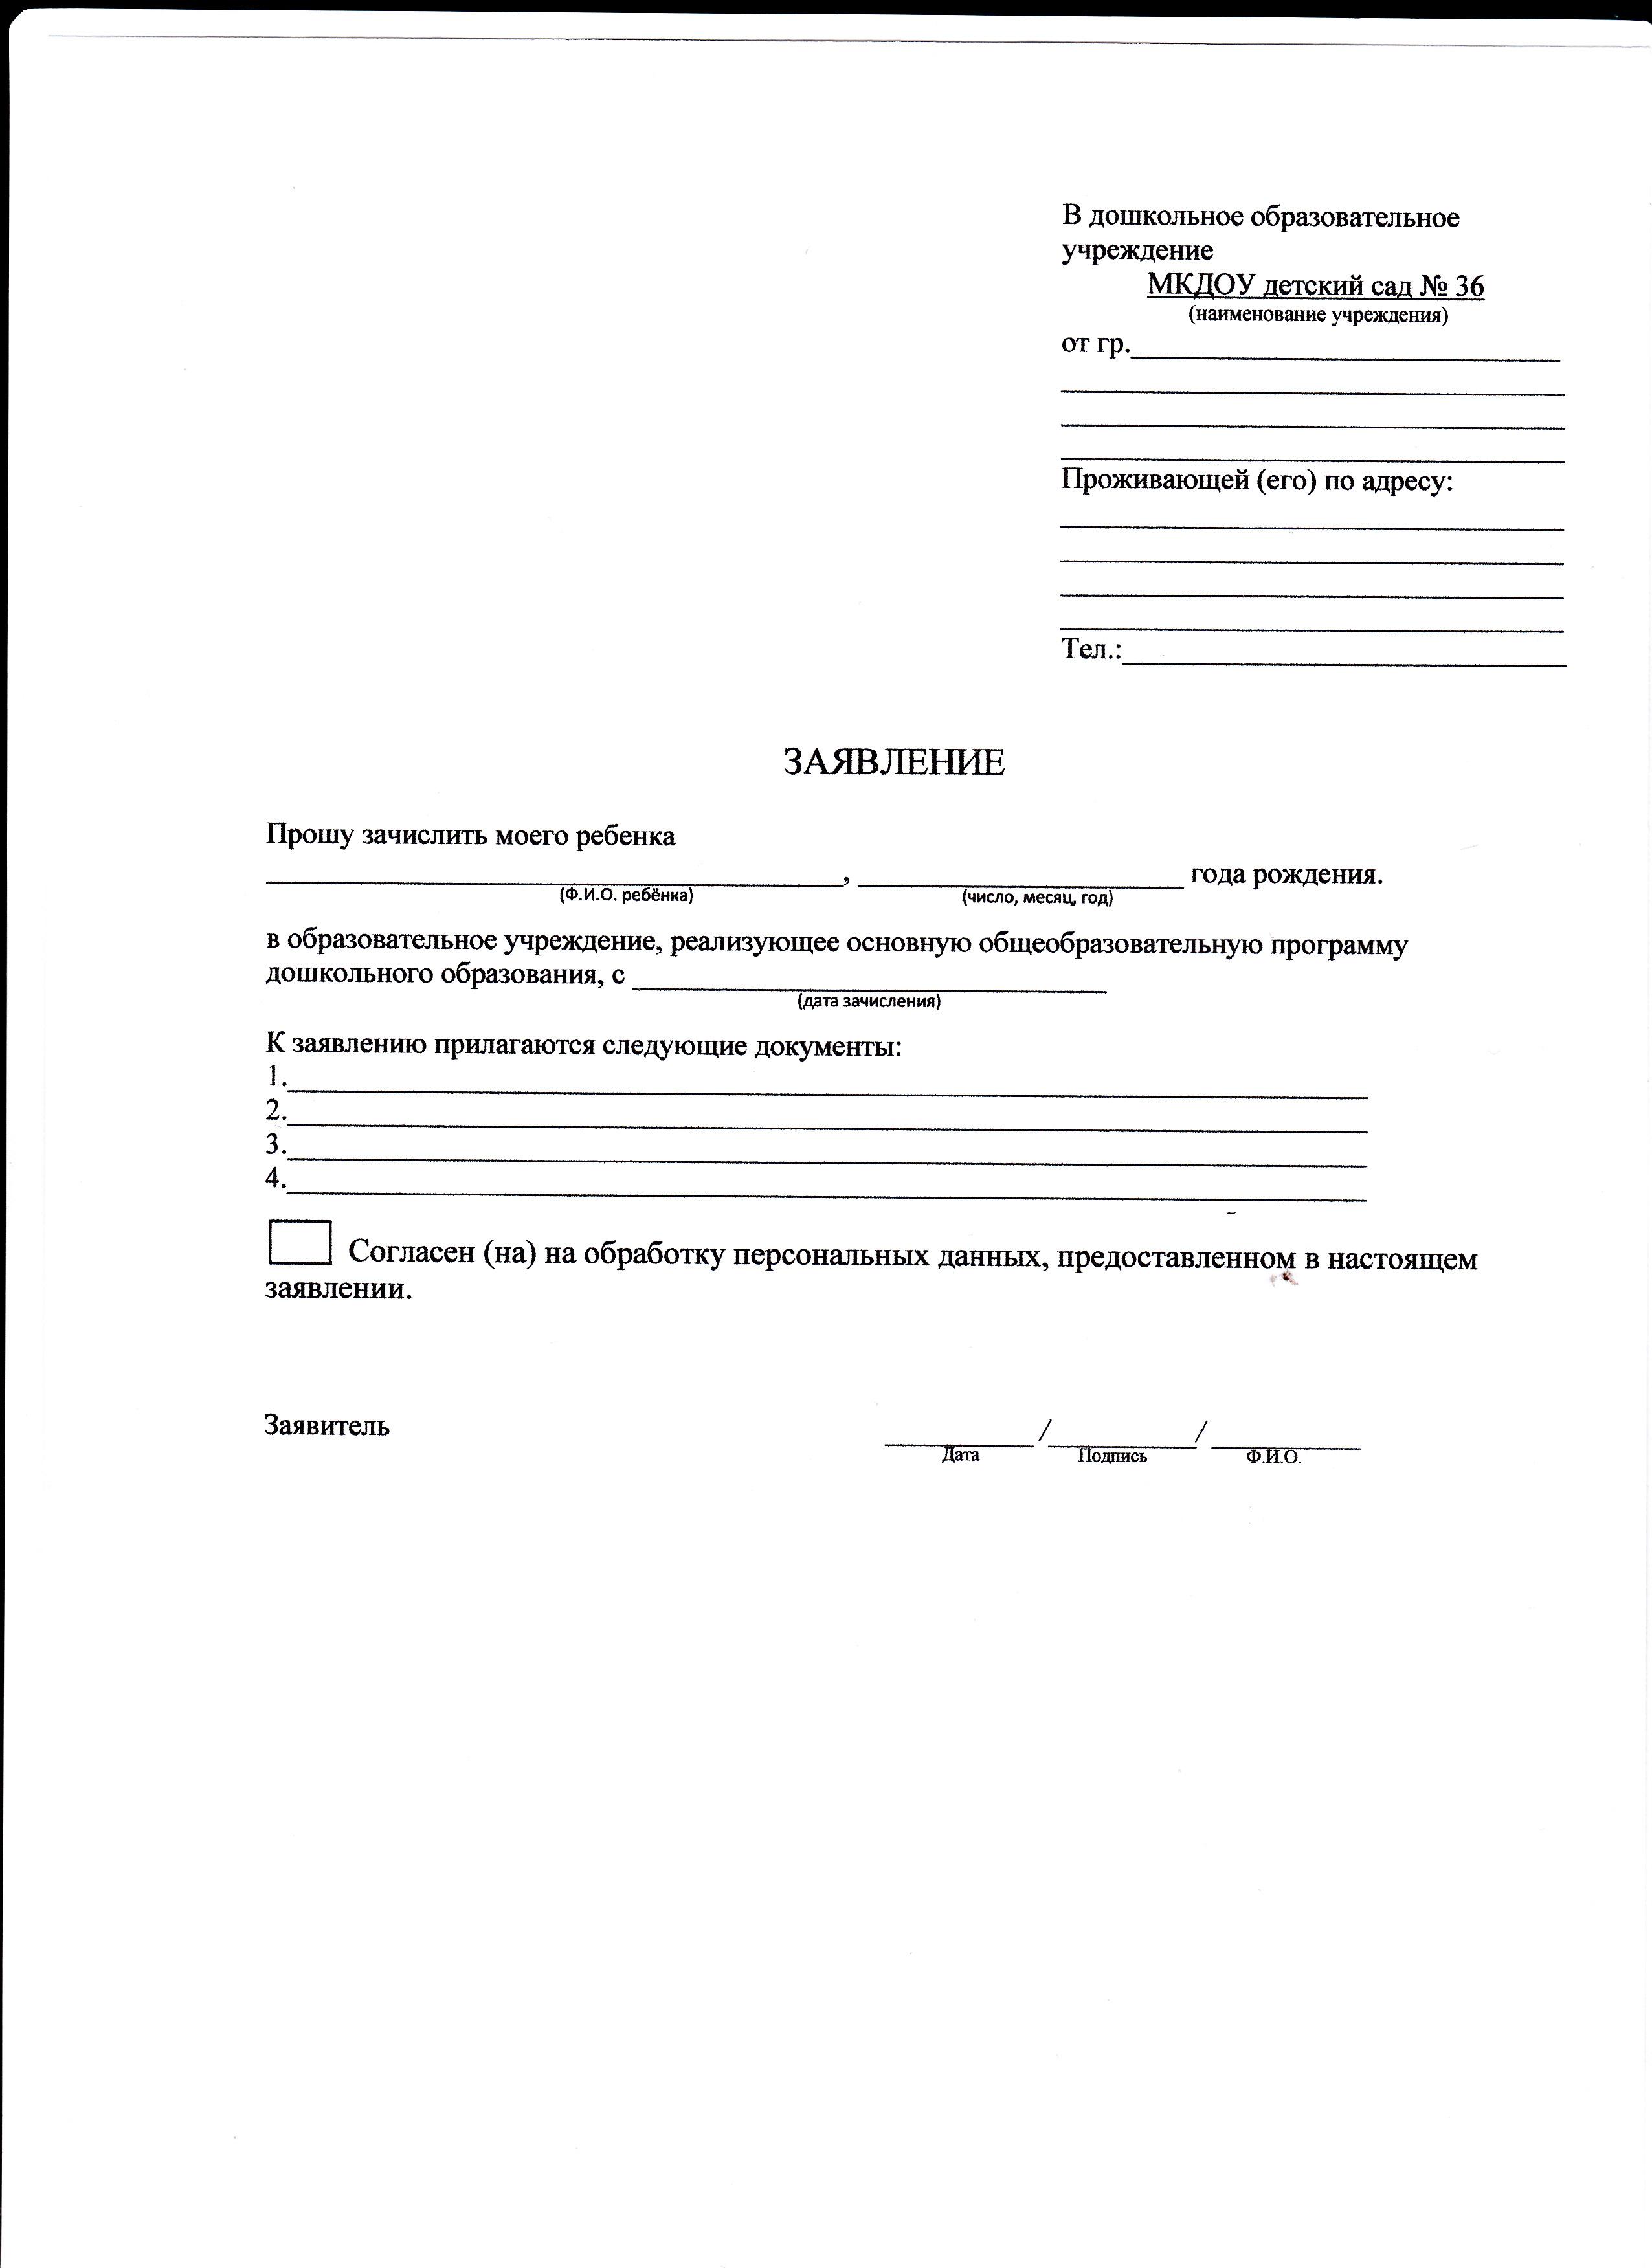 Заявление на прием на работу образец 2016 - a